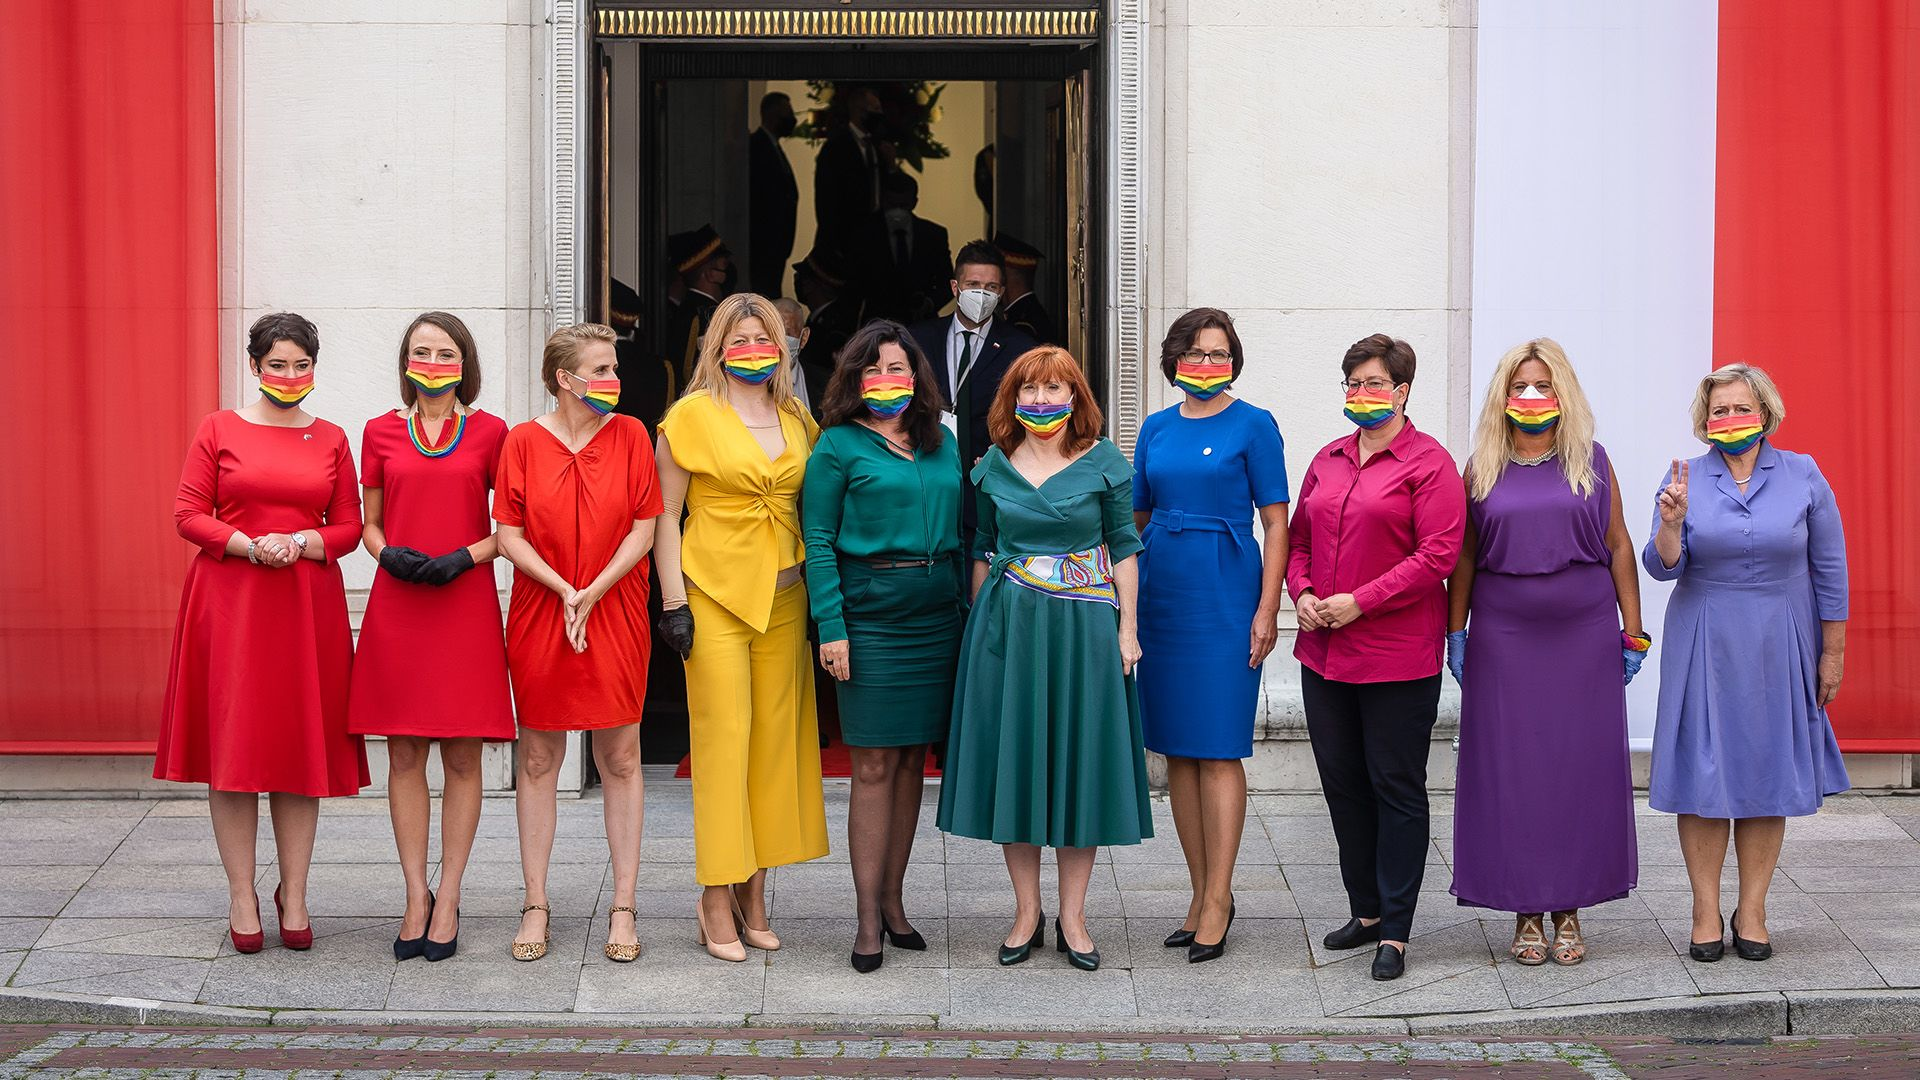 Polonia: Diputadas se visten de arcoiris en protesta contra el presidente Andrzej Duda y sus políticas homofóbicas